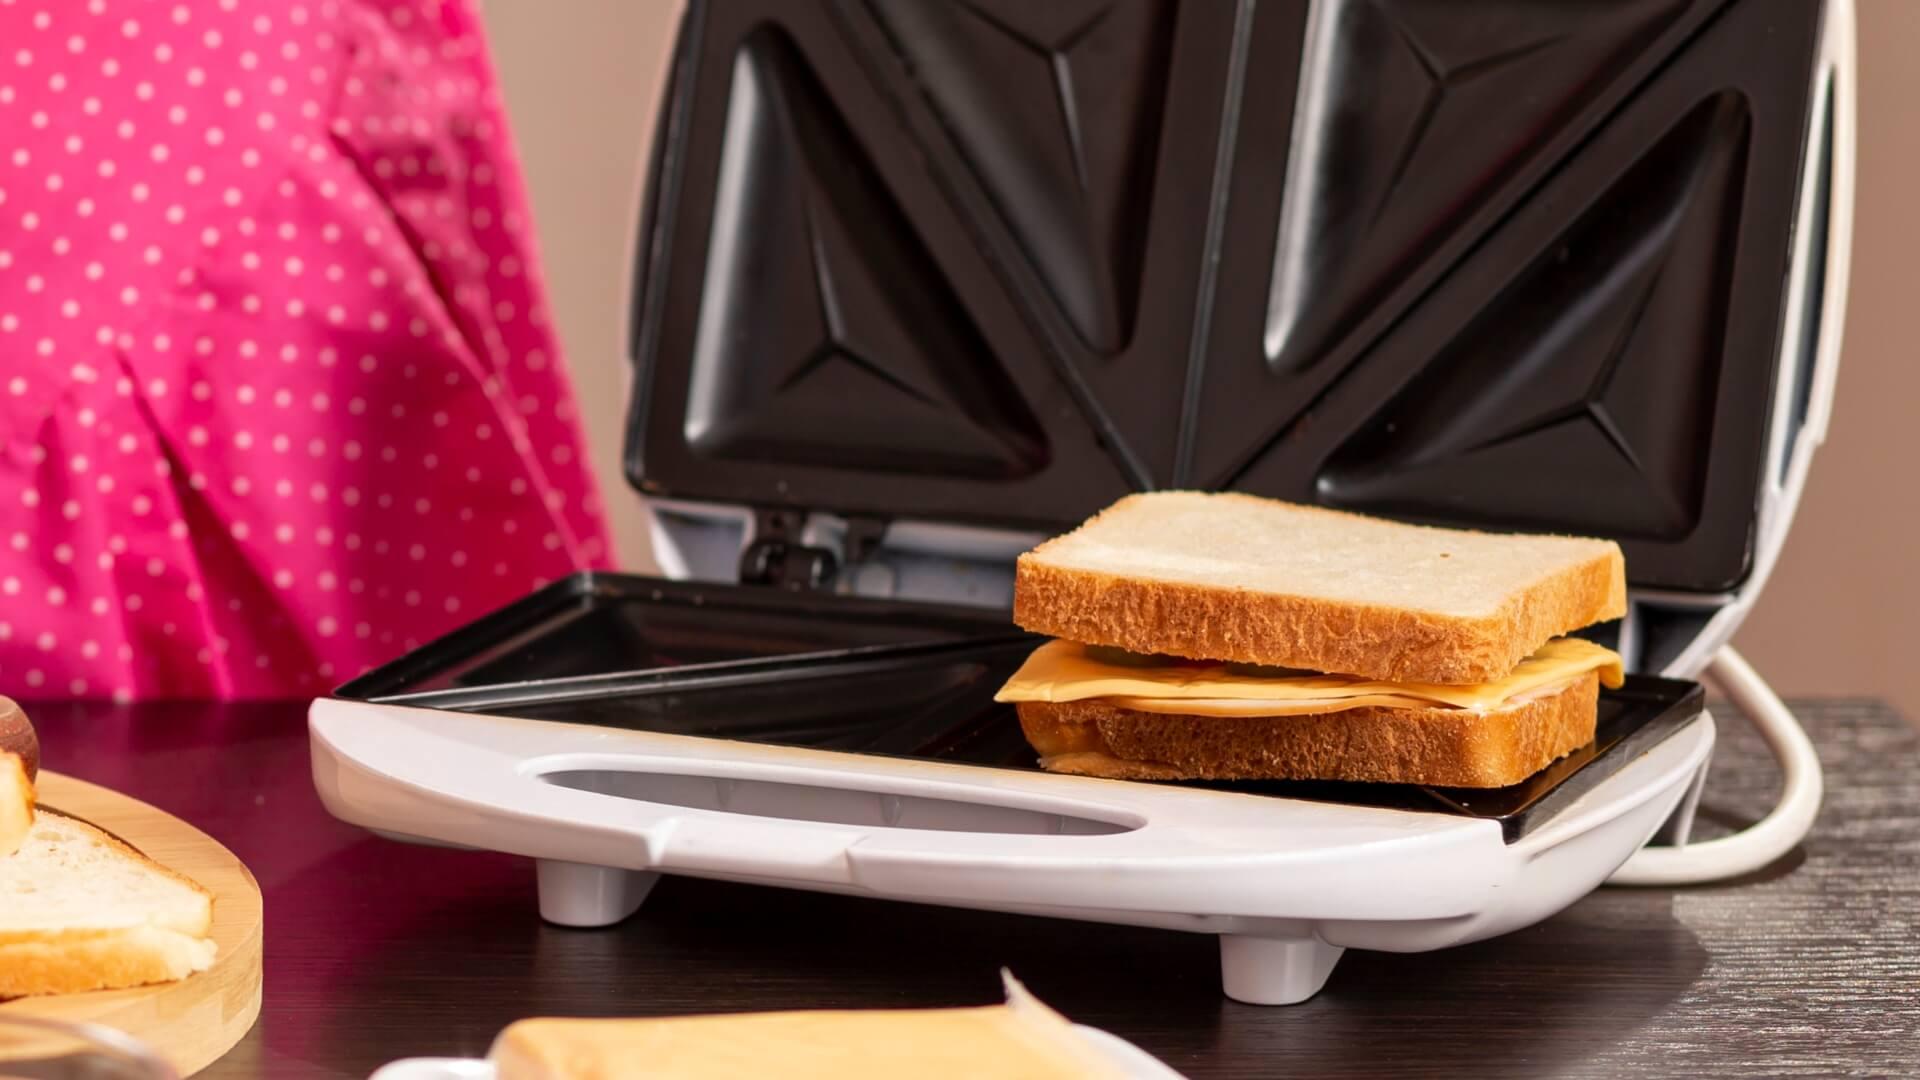 limpiar la sandwichera con bicarbonato